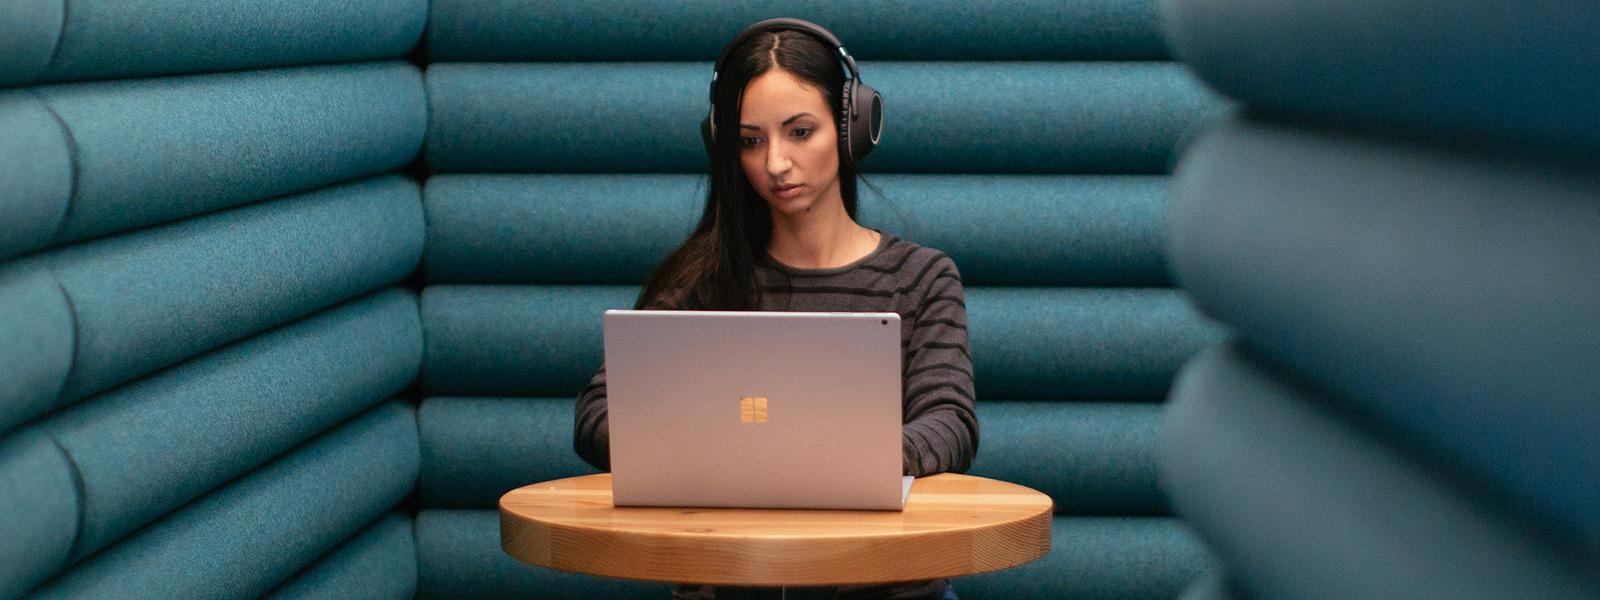 امرأة تجلس بهدوء في عزلة بينما ترتدي سماعات الرأس وهي تعمل على جهاز كمبيوتر يعمل بنظام Windows 10